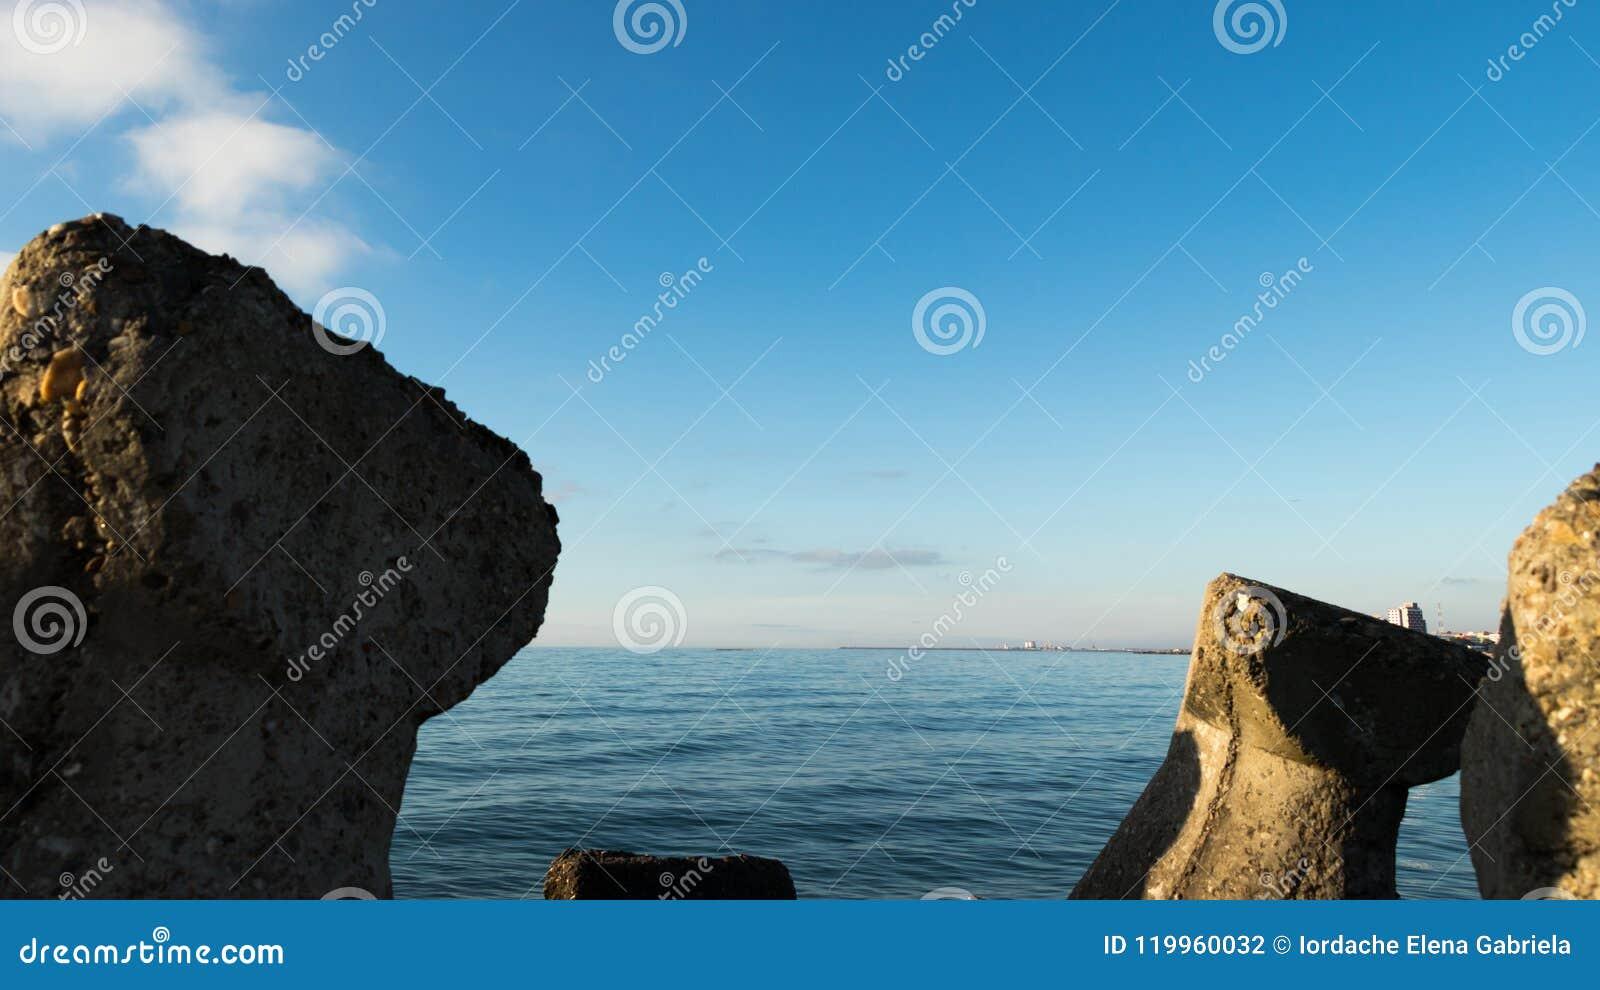 Water sea line landscape